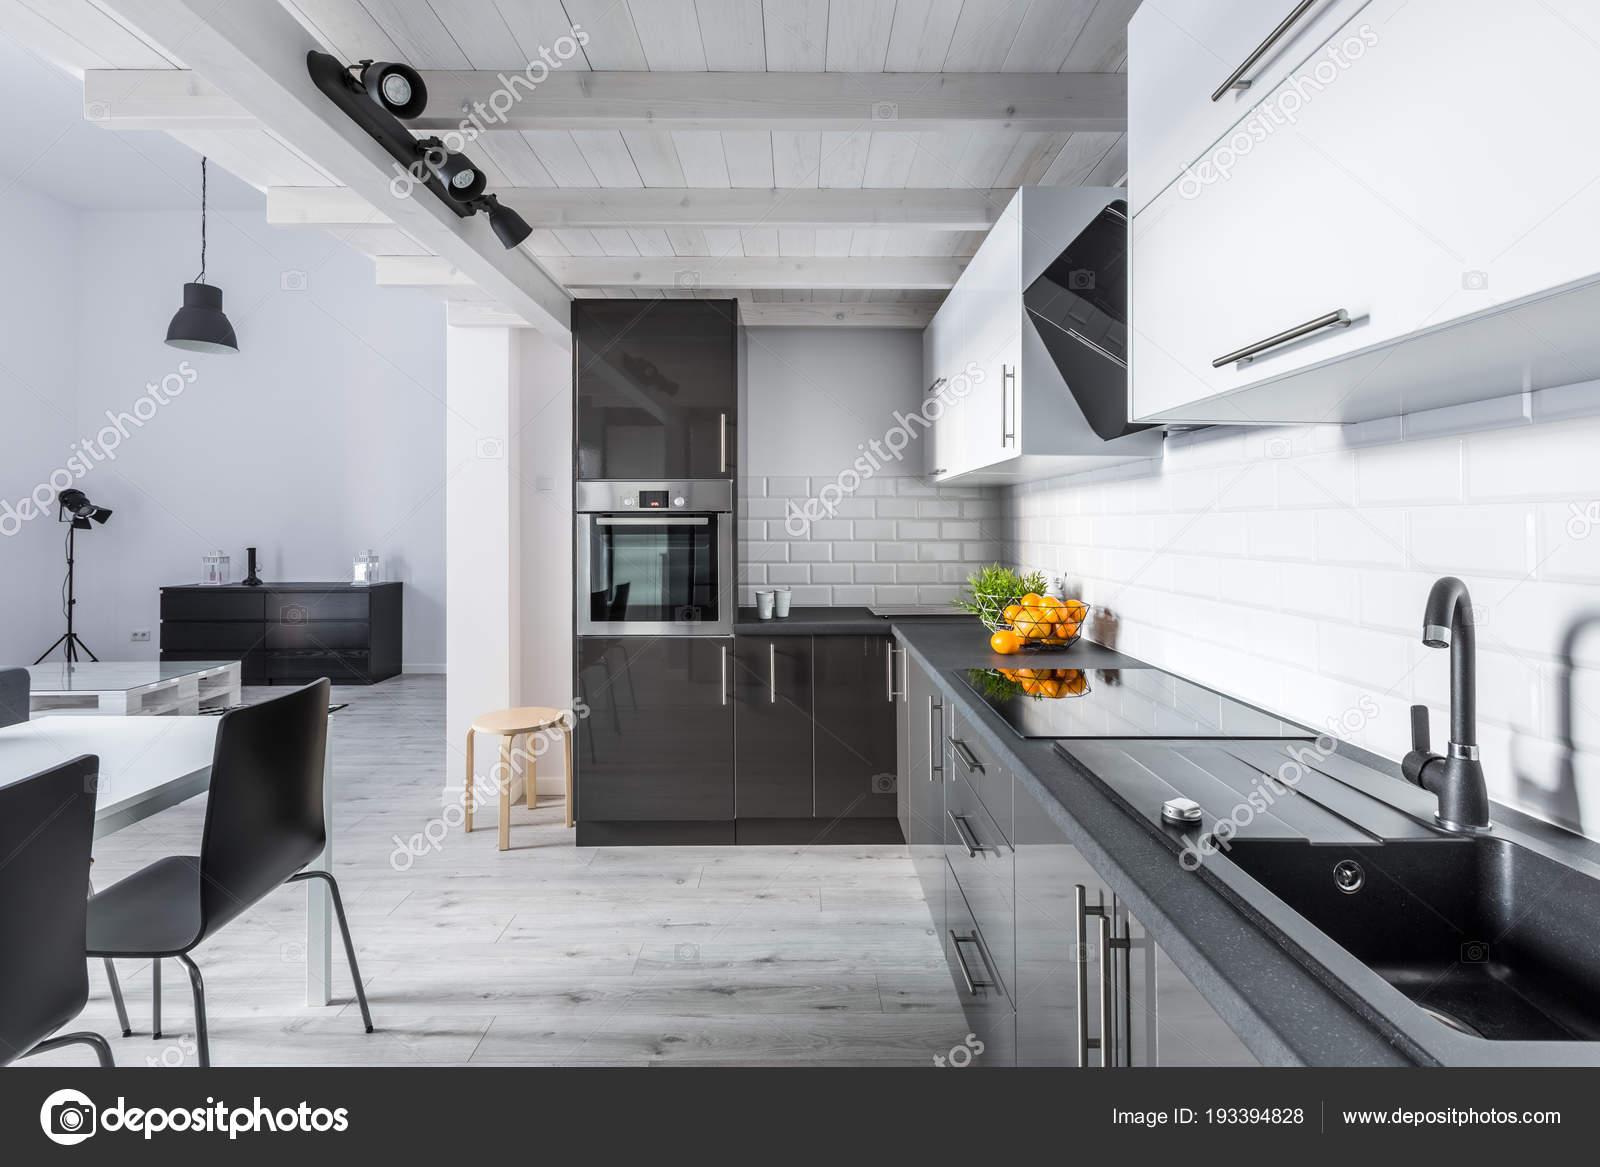 Cozinha Moderna Com Teto R Stico Stock Photo In4mal 193394828